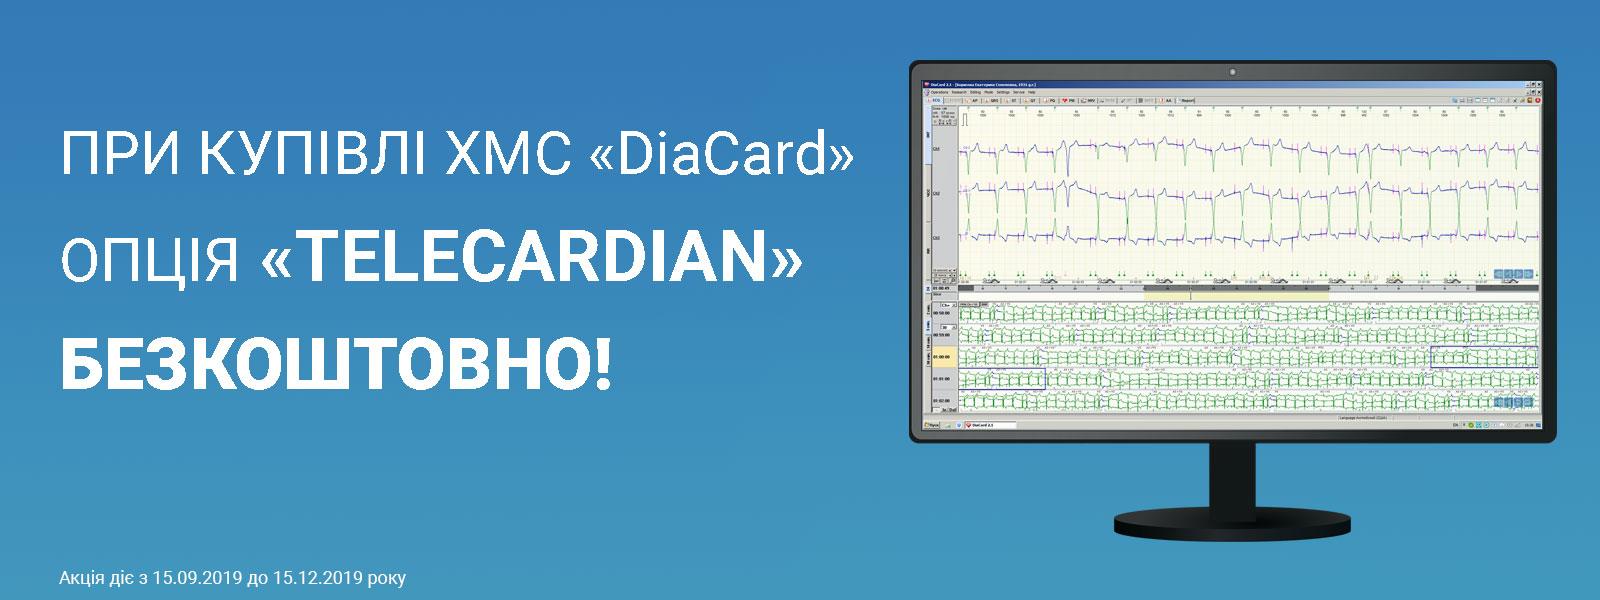 При покупке ХМС опция «Telecardian« бесплатно